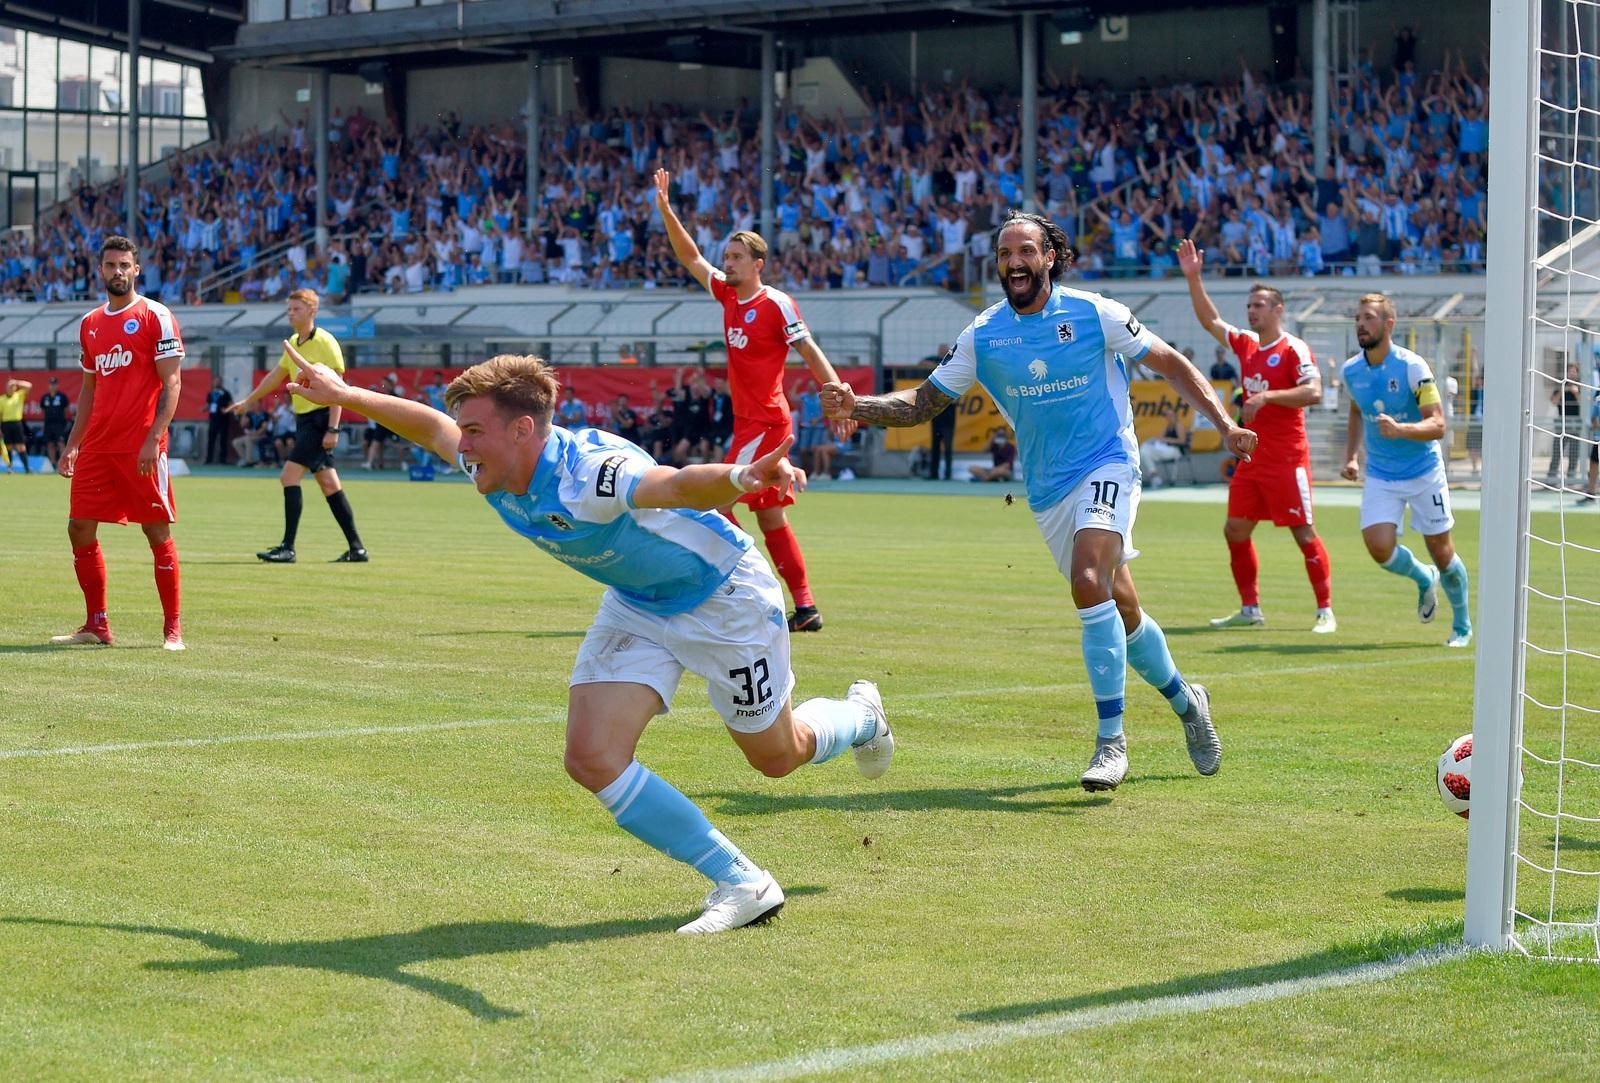 TSV 1860 München gegen Sportfreunde Lotte, 3. Liga im Live-Ticker   1860 München